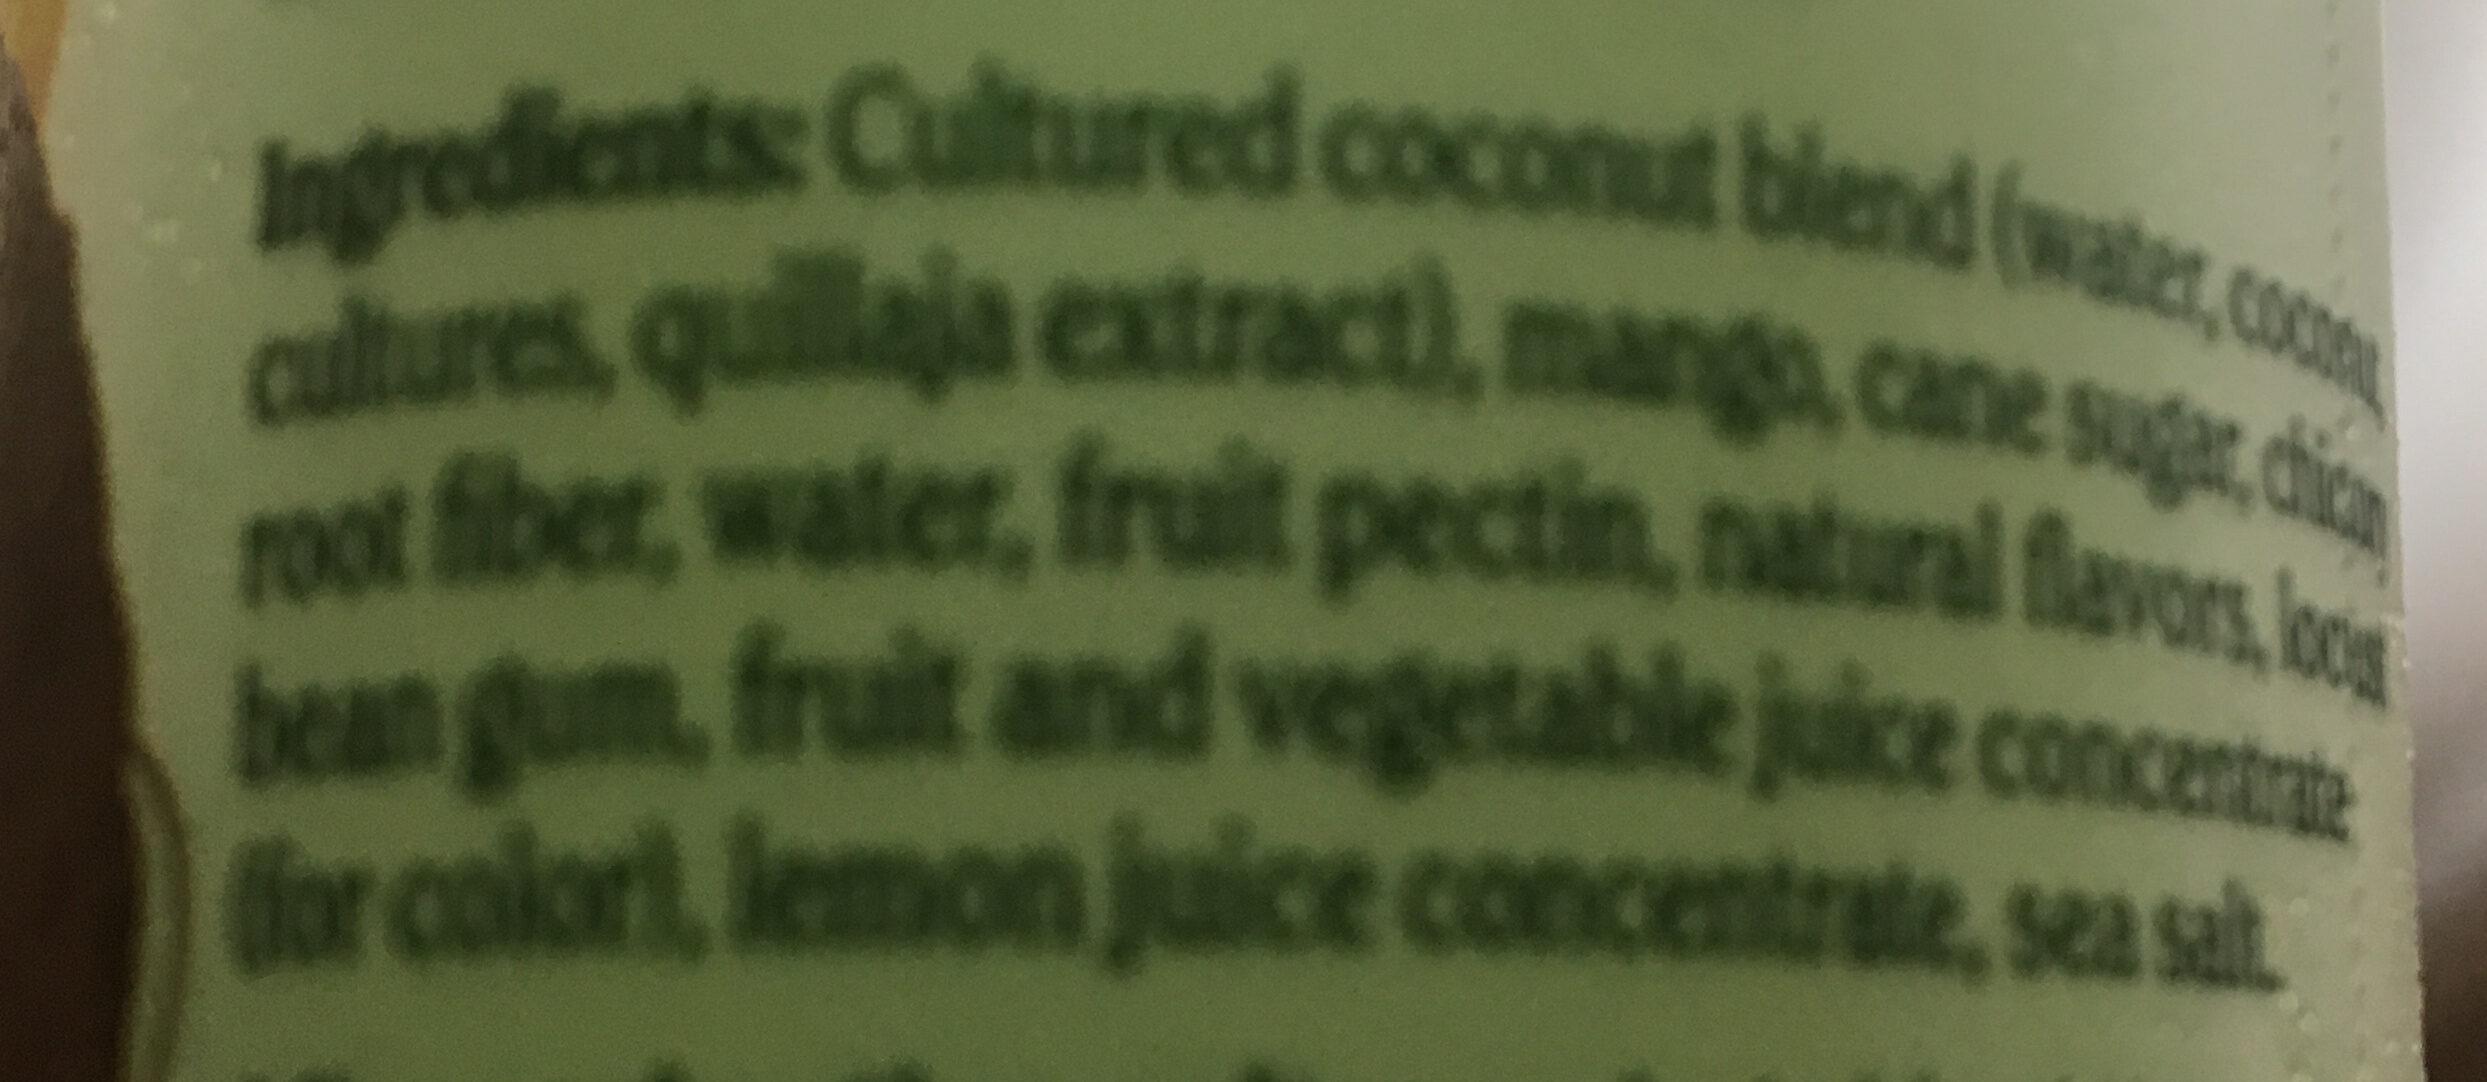 Non-Dairy Chobani - Ingredients